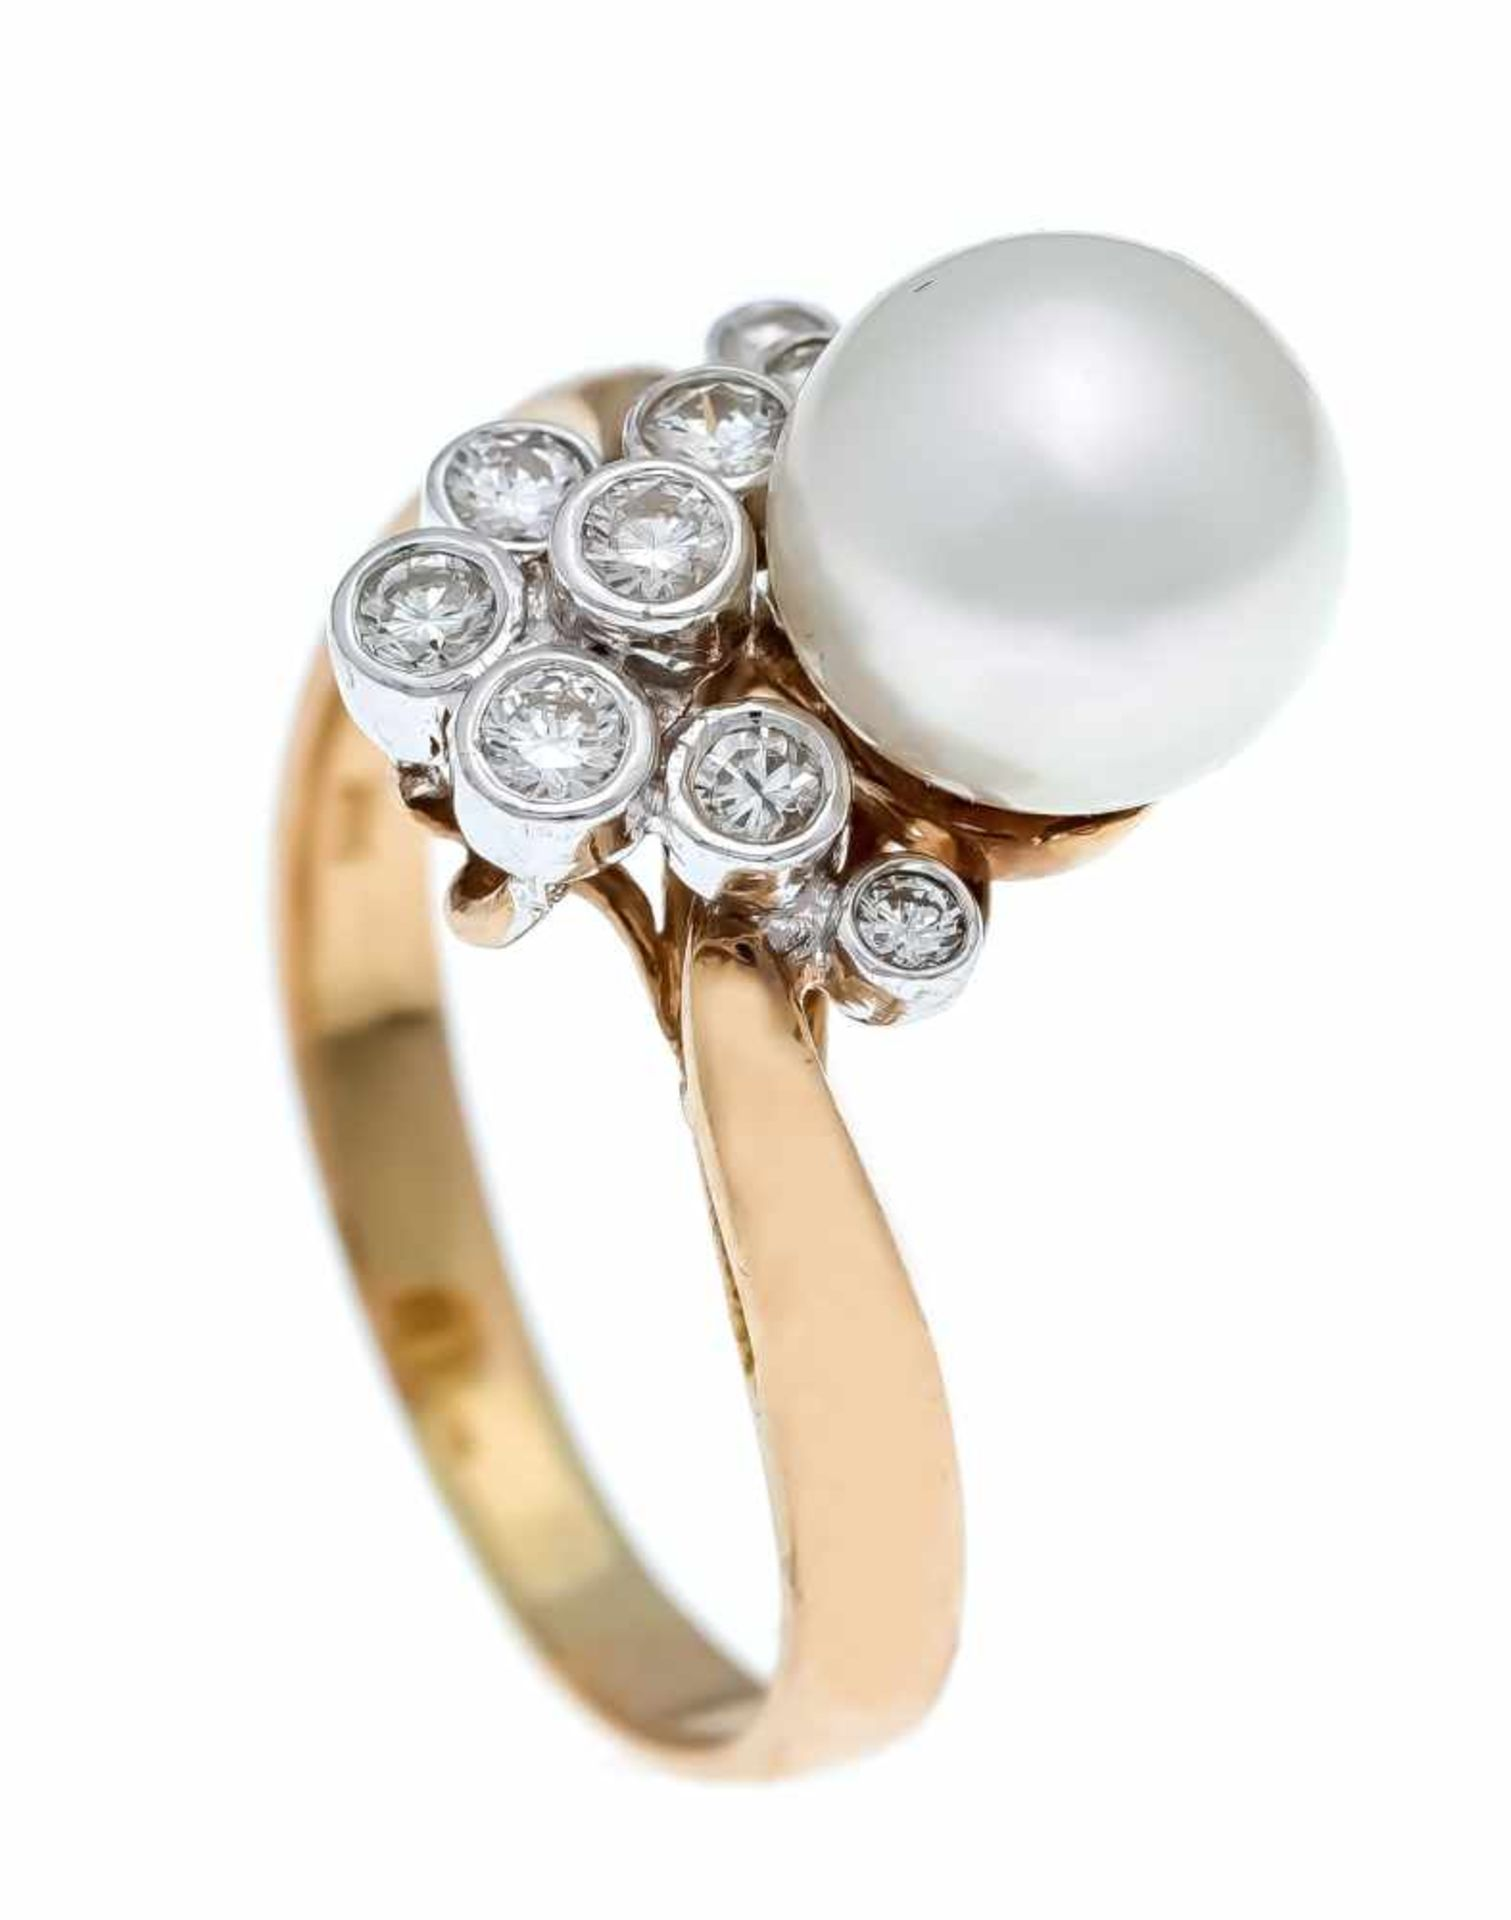 Akoya-Brillant-Ring GG/WG 585/000 mit einer feinen Akoyaperle 8 mm und 9 Brillanten, zus.0,40 ct W/